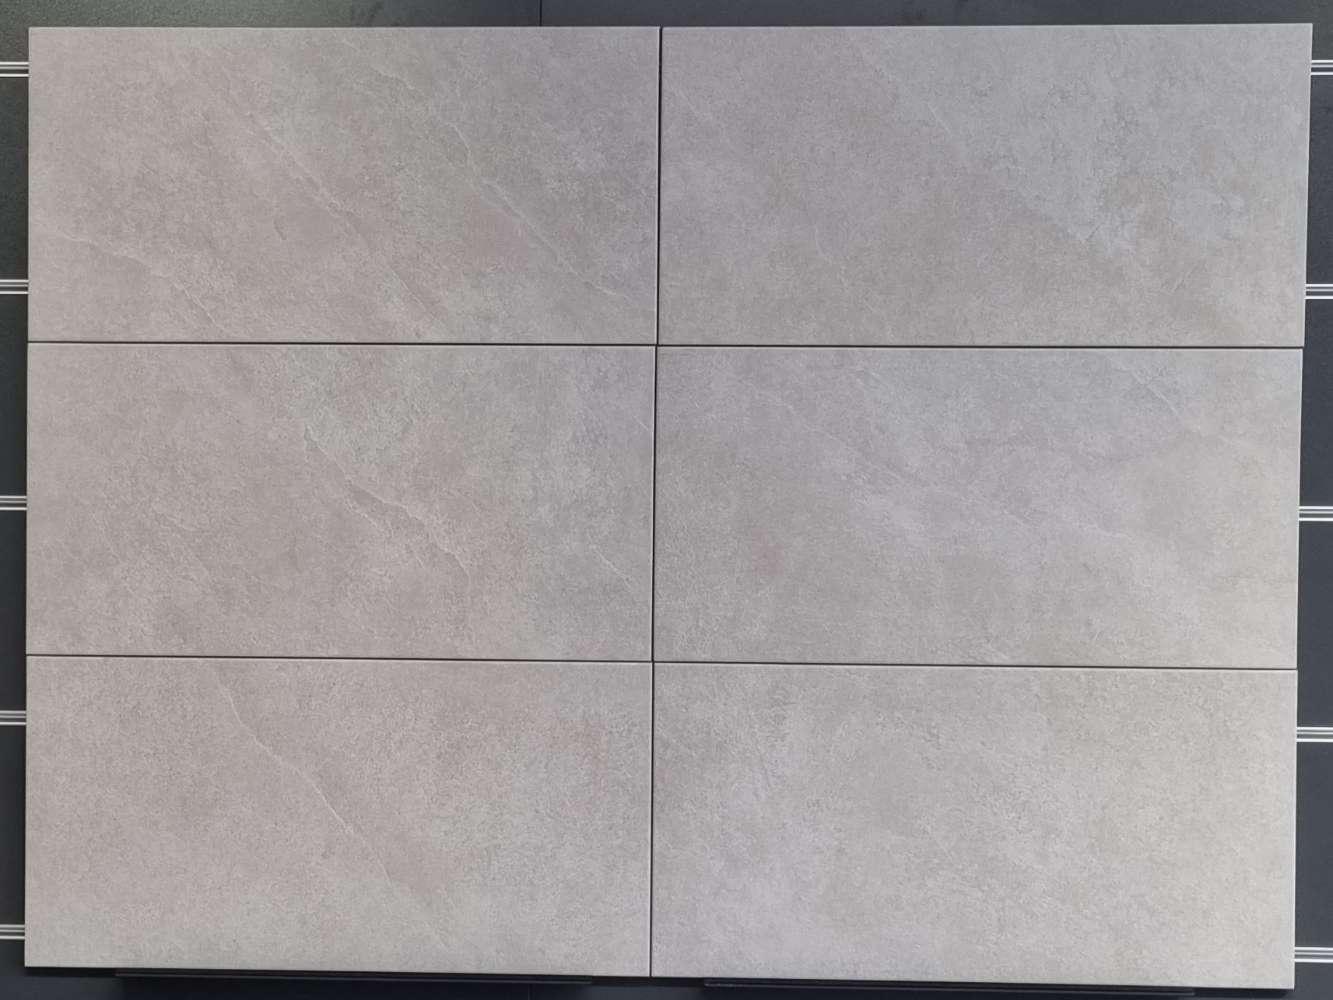 Bodenfliese, Ilbes, zement, 30x60cm